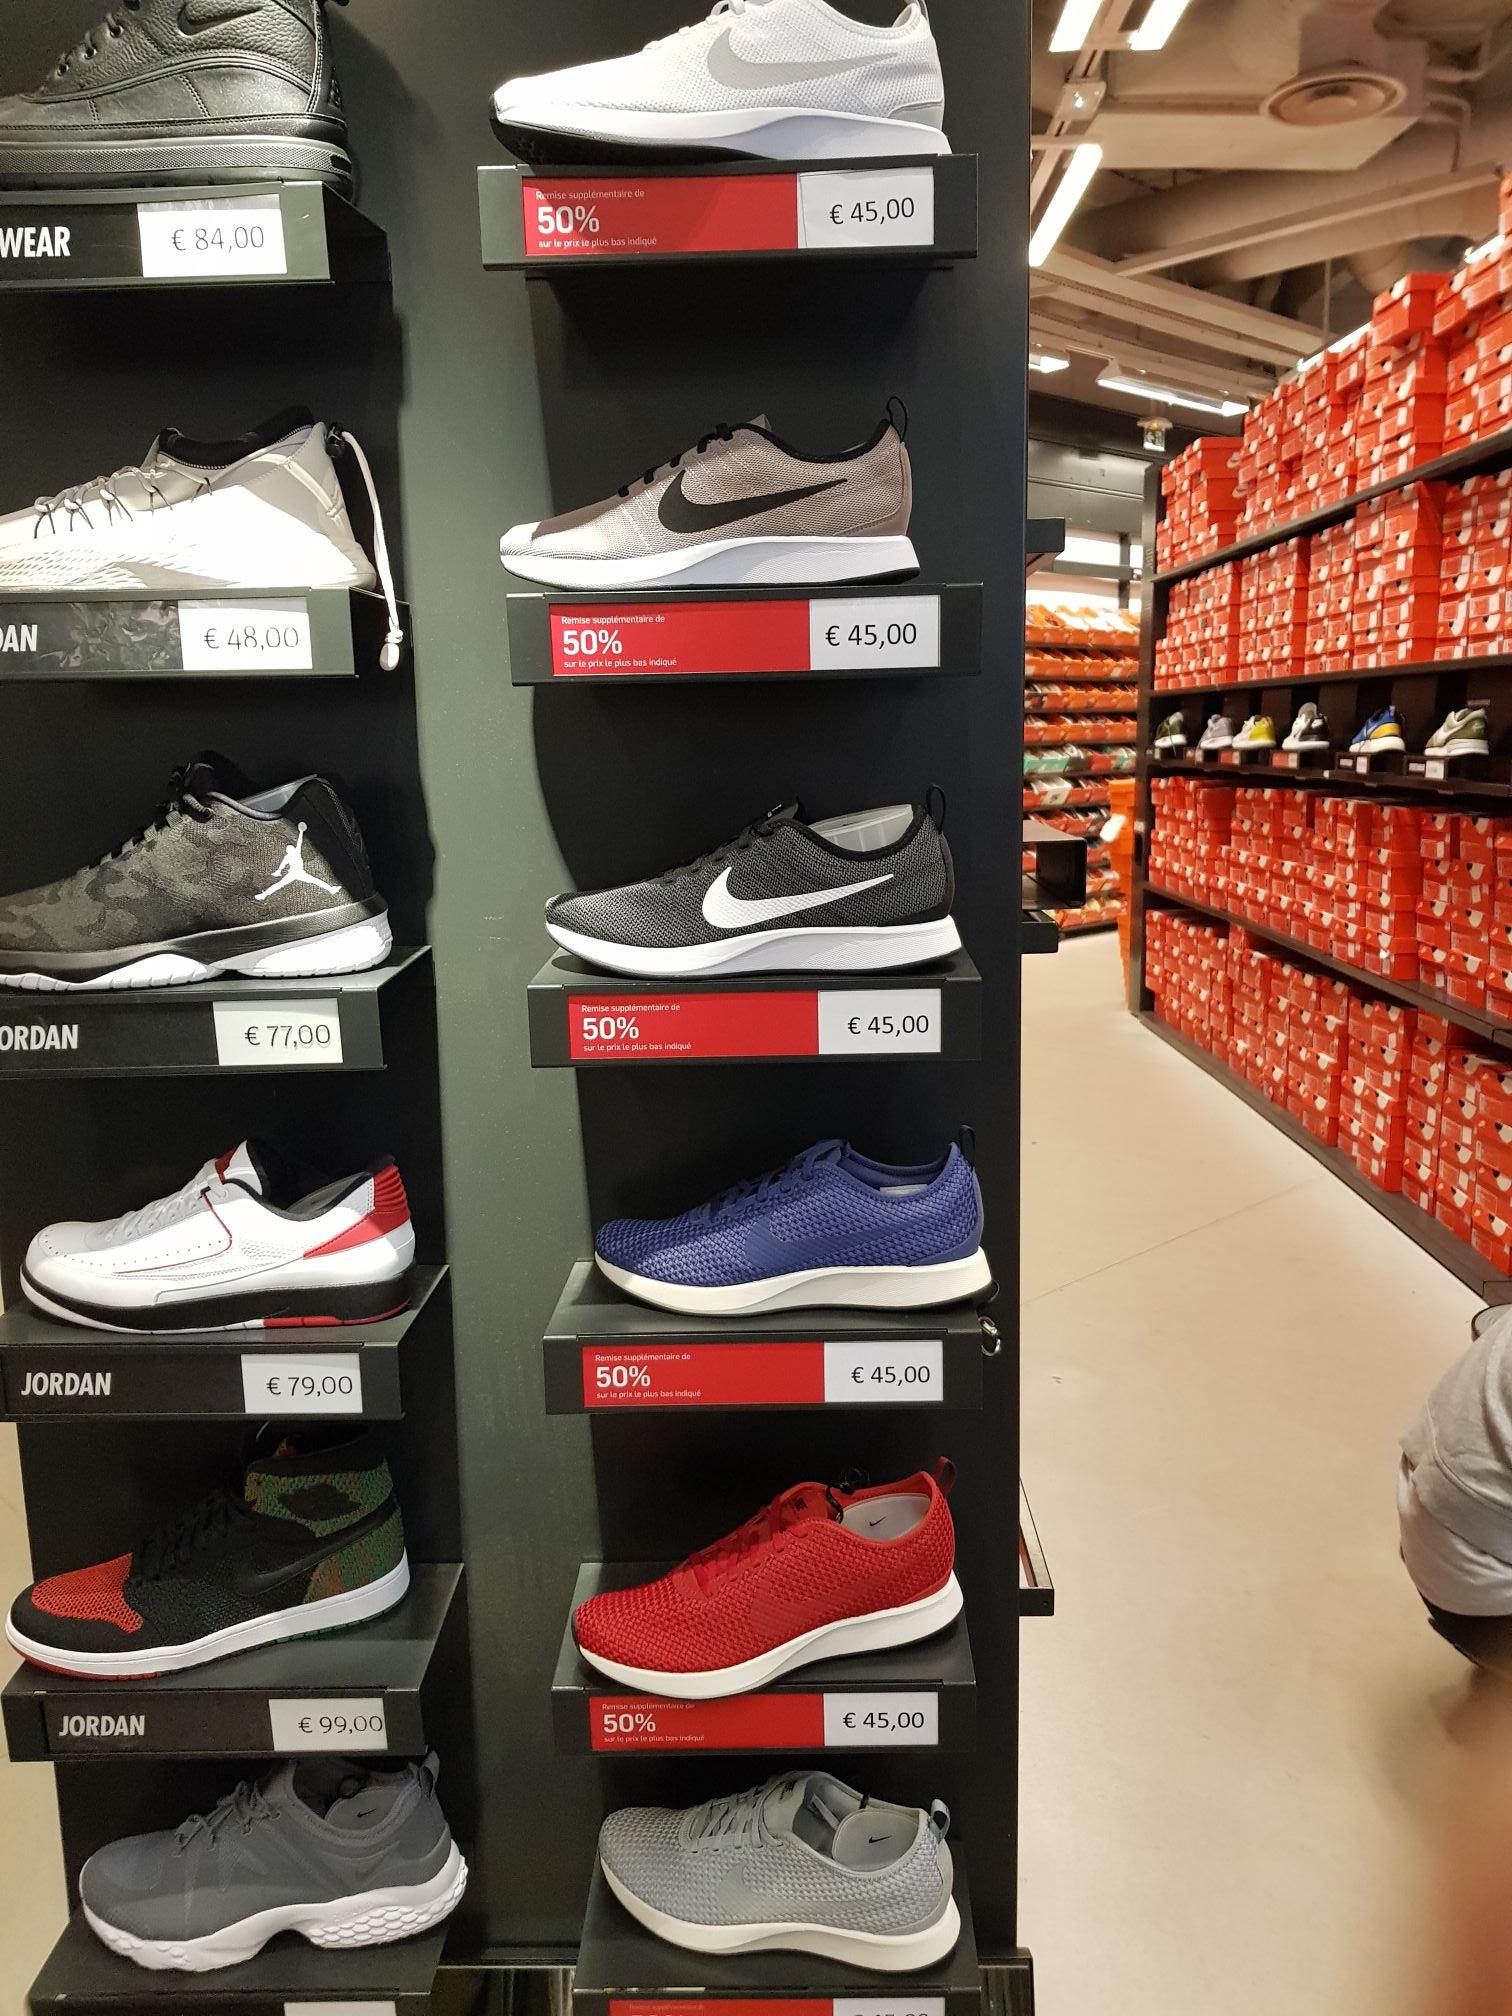 Baskets Nike Dualtone Racer Homme (Plusieurs coloris) - Nike Factory Aubergenville (78)